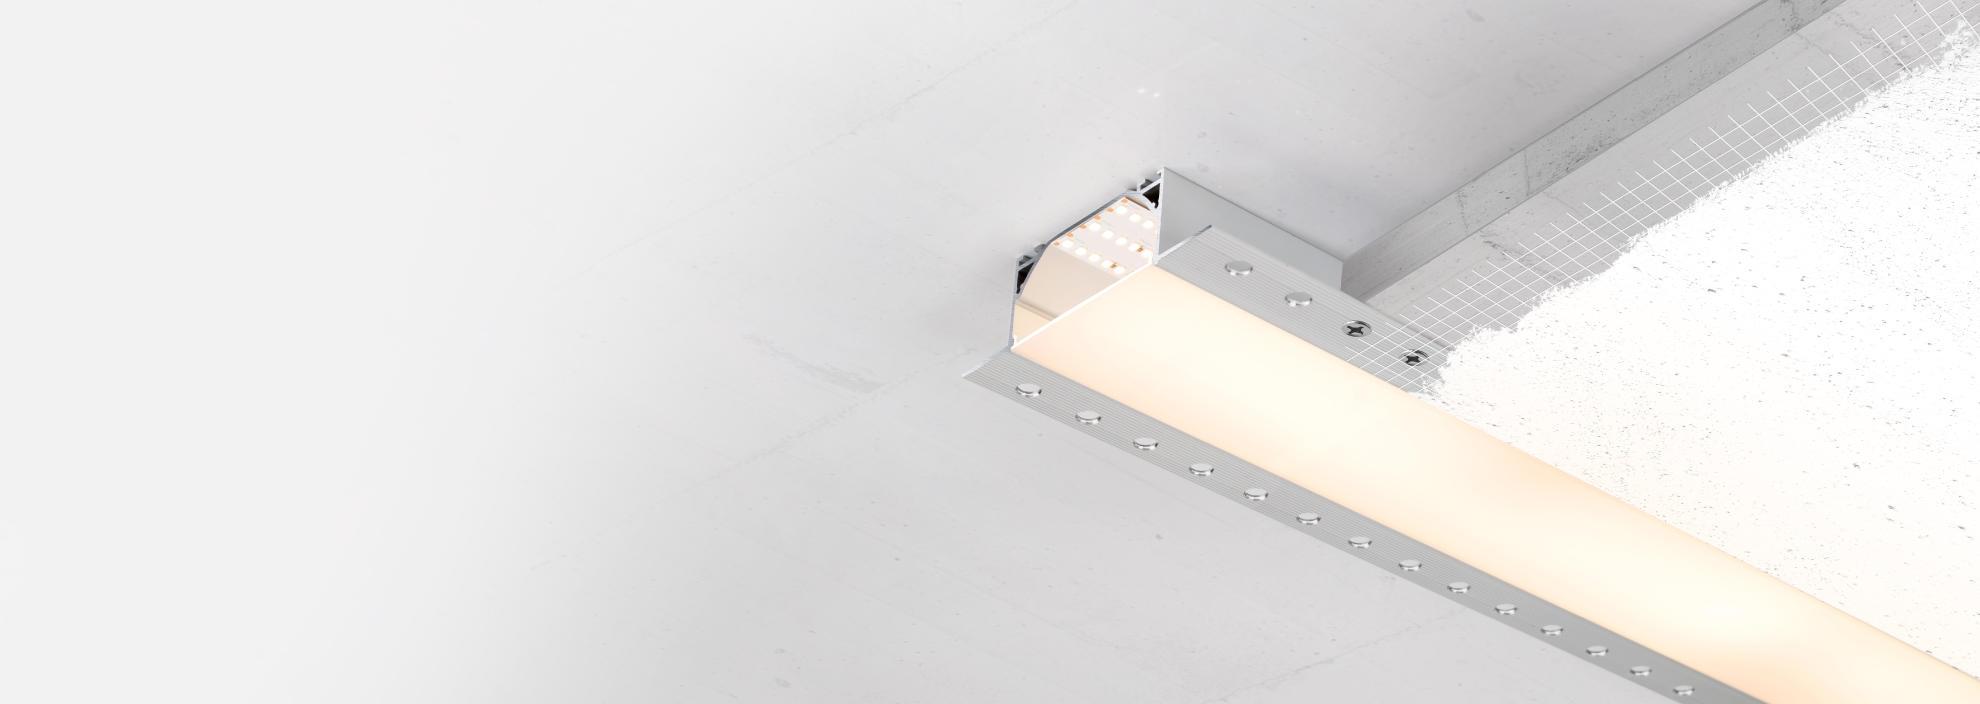 Профиль для светодиодной ленты FANTOM – создан быть незаметным